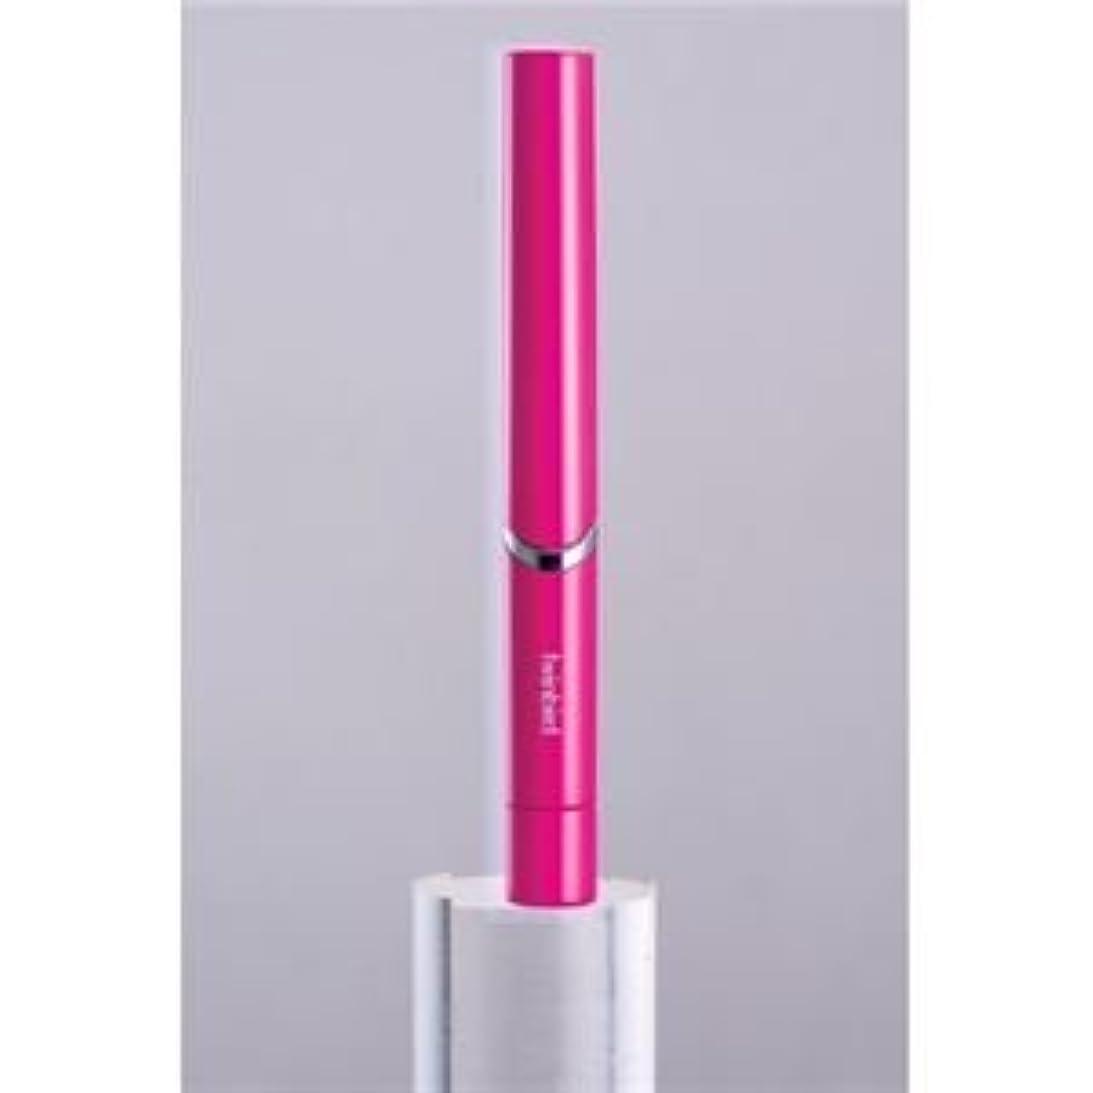 自伝加害者耐久(まとめ)ツインバード 音波振動式歯ブラシ ピンク BD-2741P【×3セット】